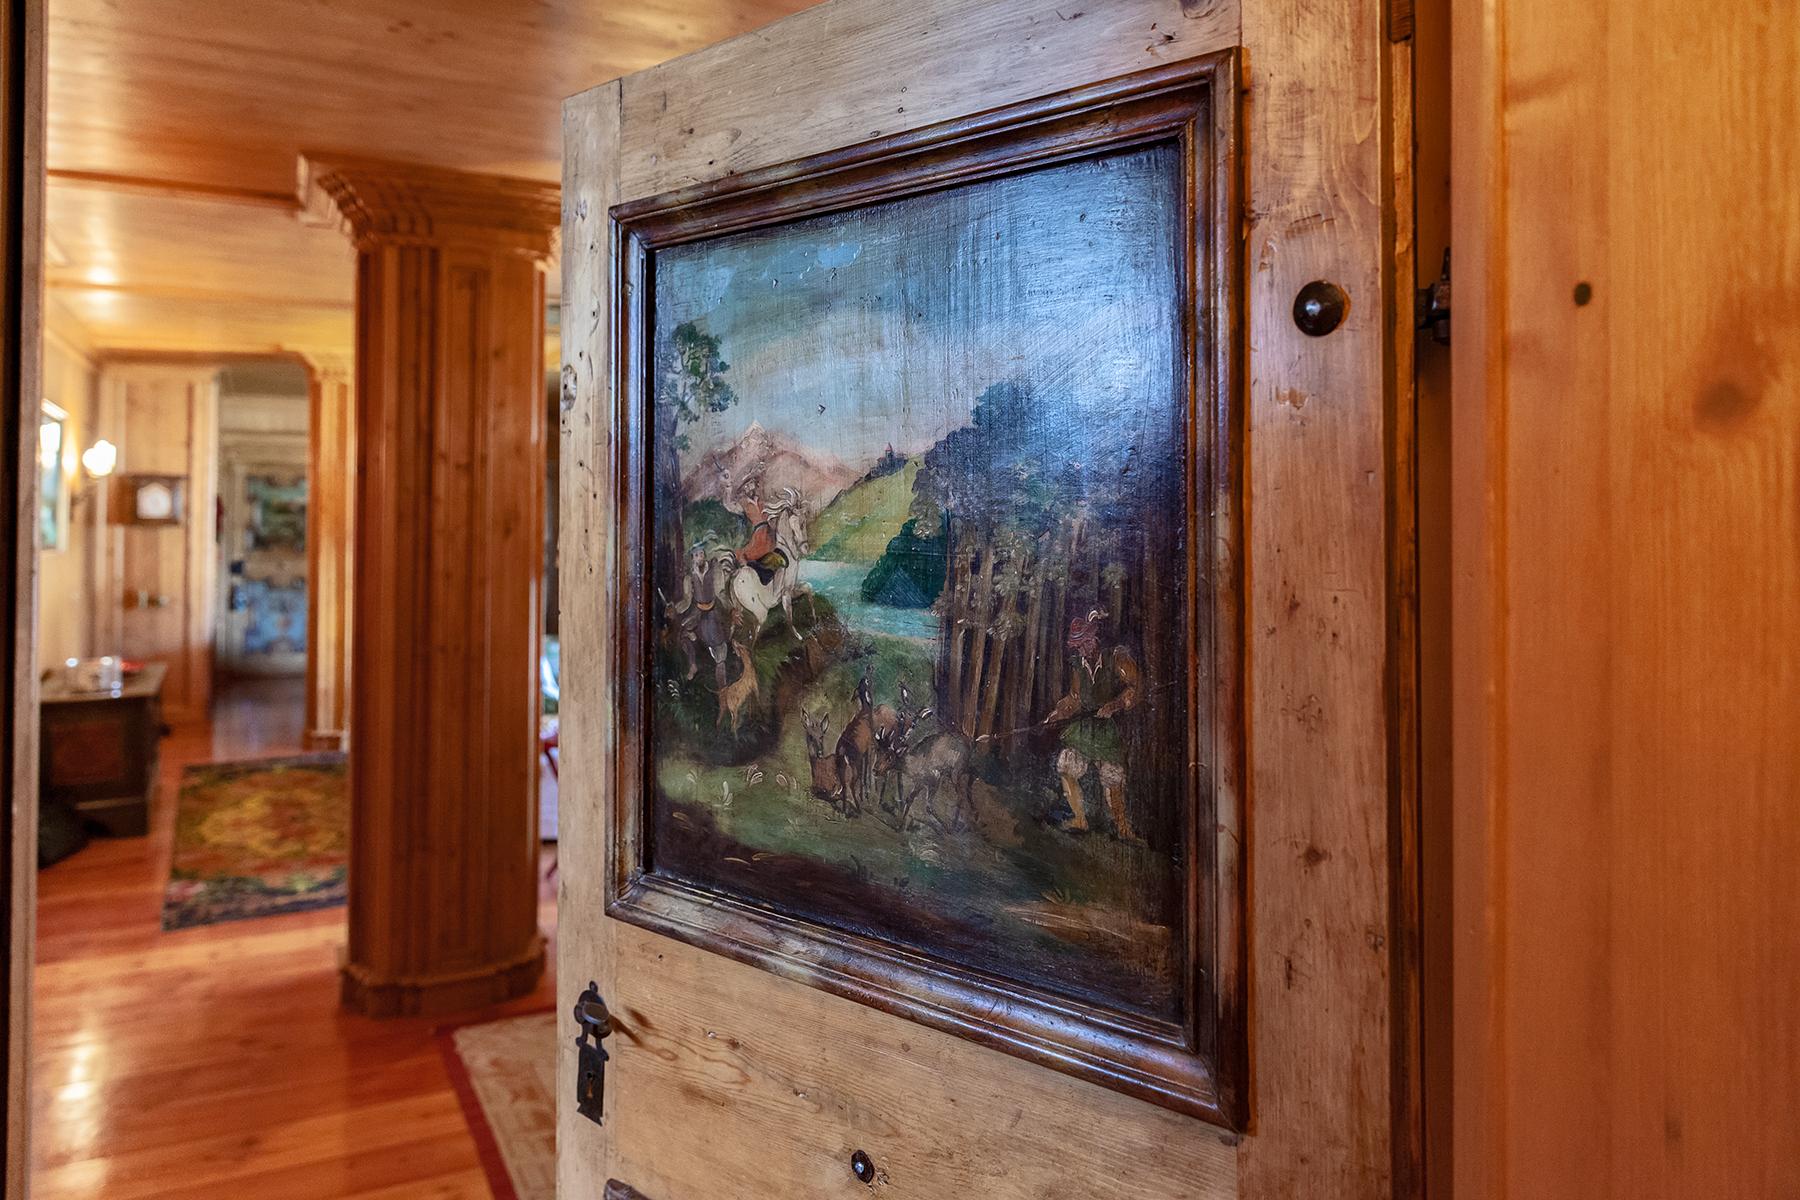 Attico in Vendita a Cortina D'Ampezzo: 5 locali, 250 mq - Foto 7